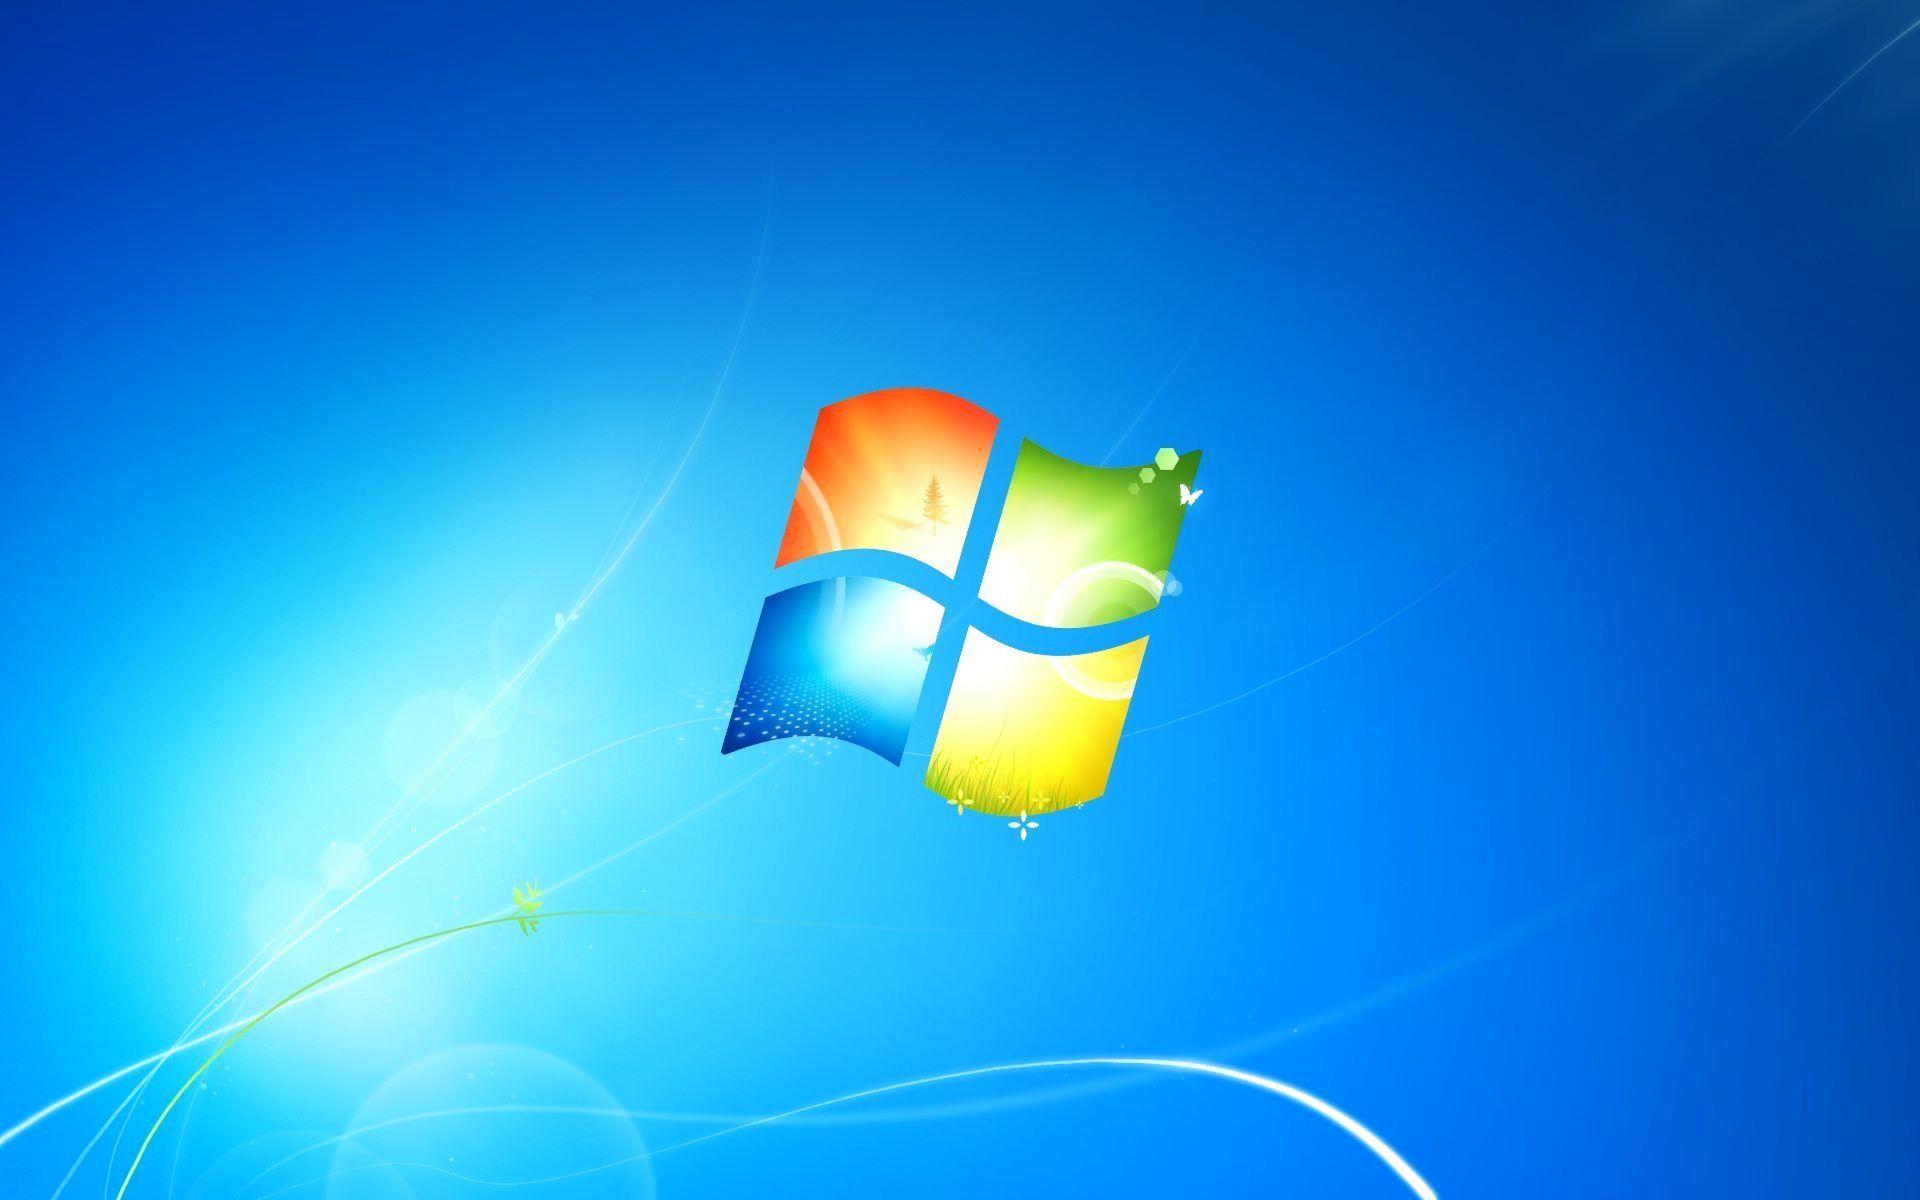 Wallpaper 4k Windows 7 Gallery Di 2020 Seni Kecantikan